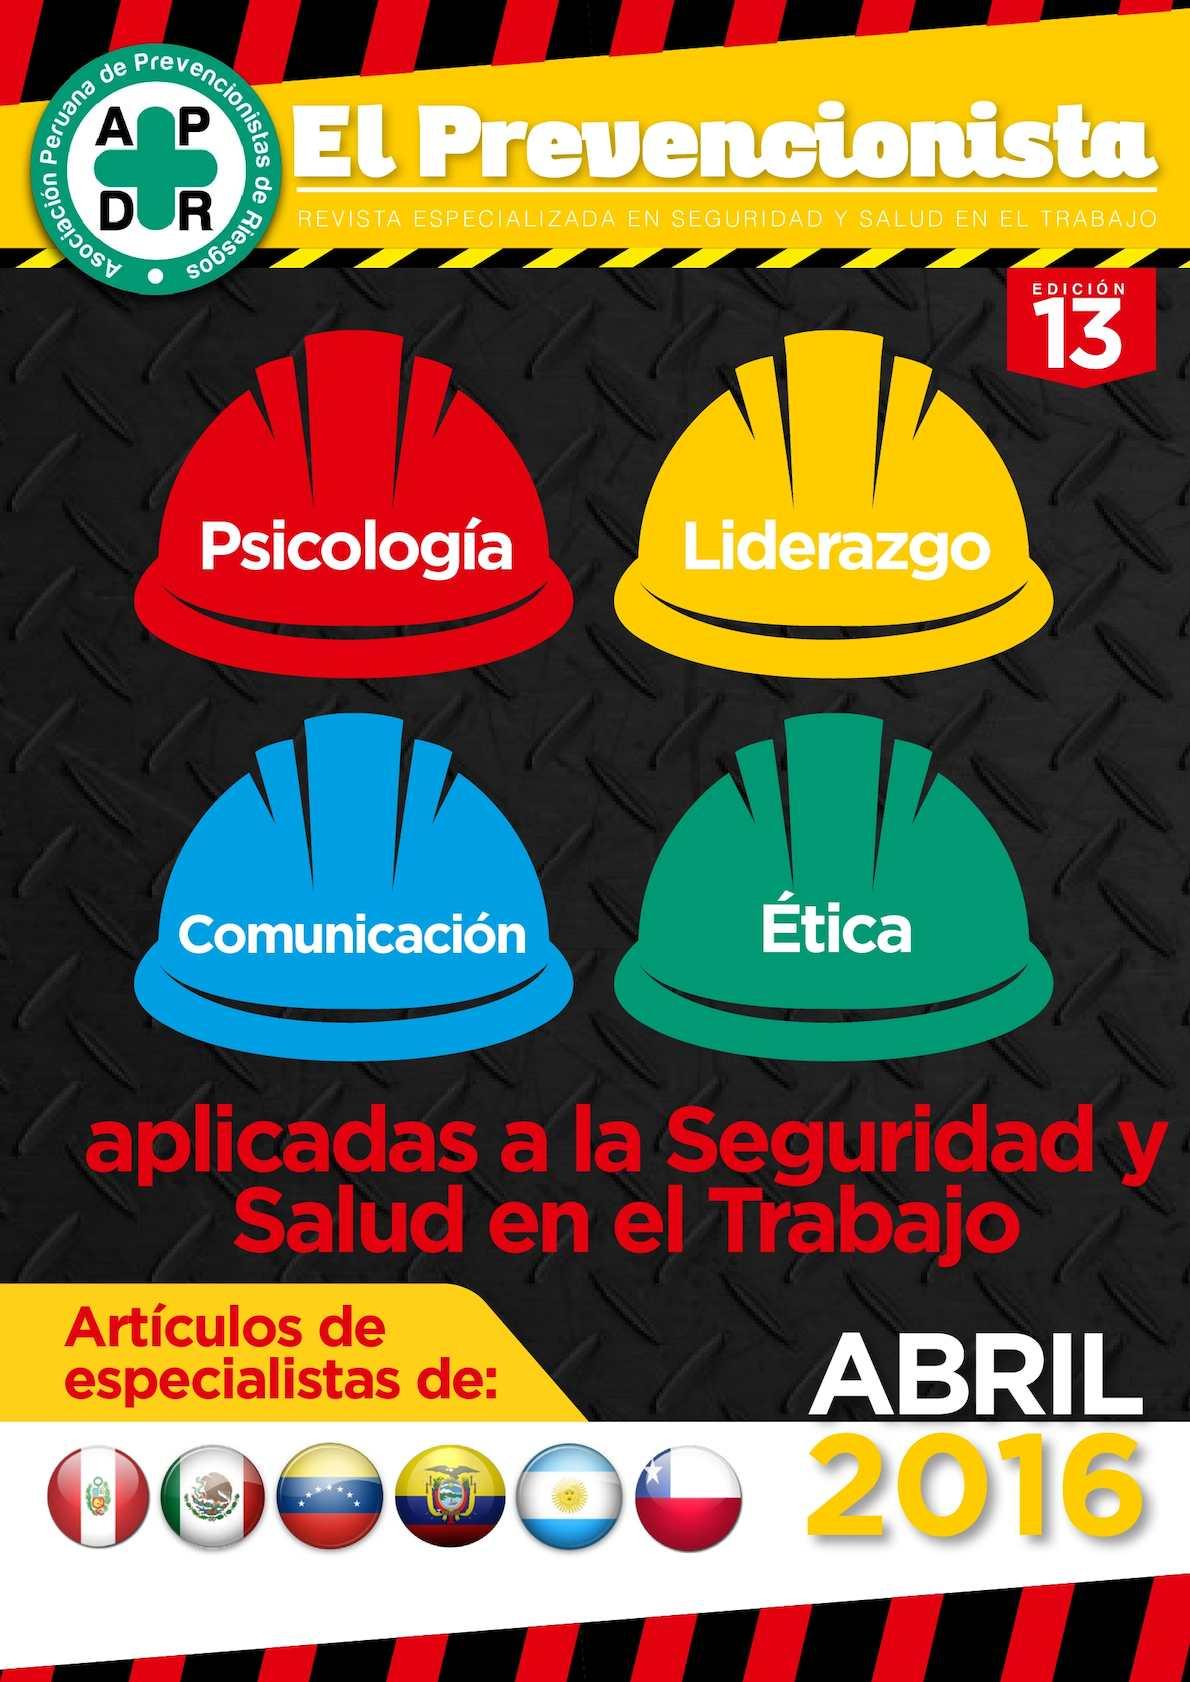 Revista El Prevencionista 13ava Ed